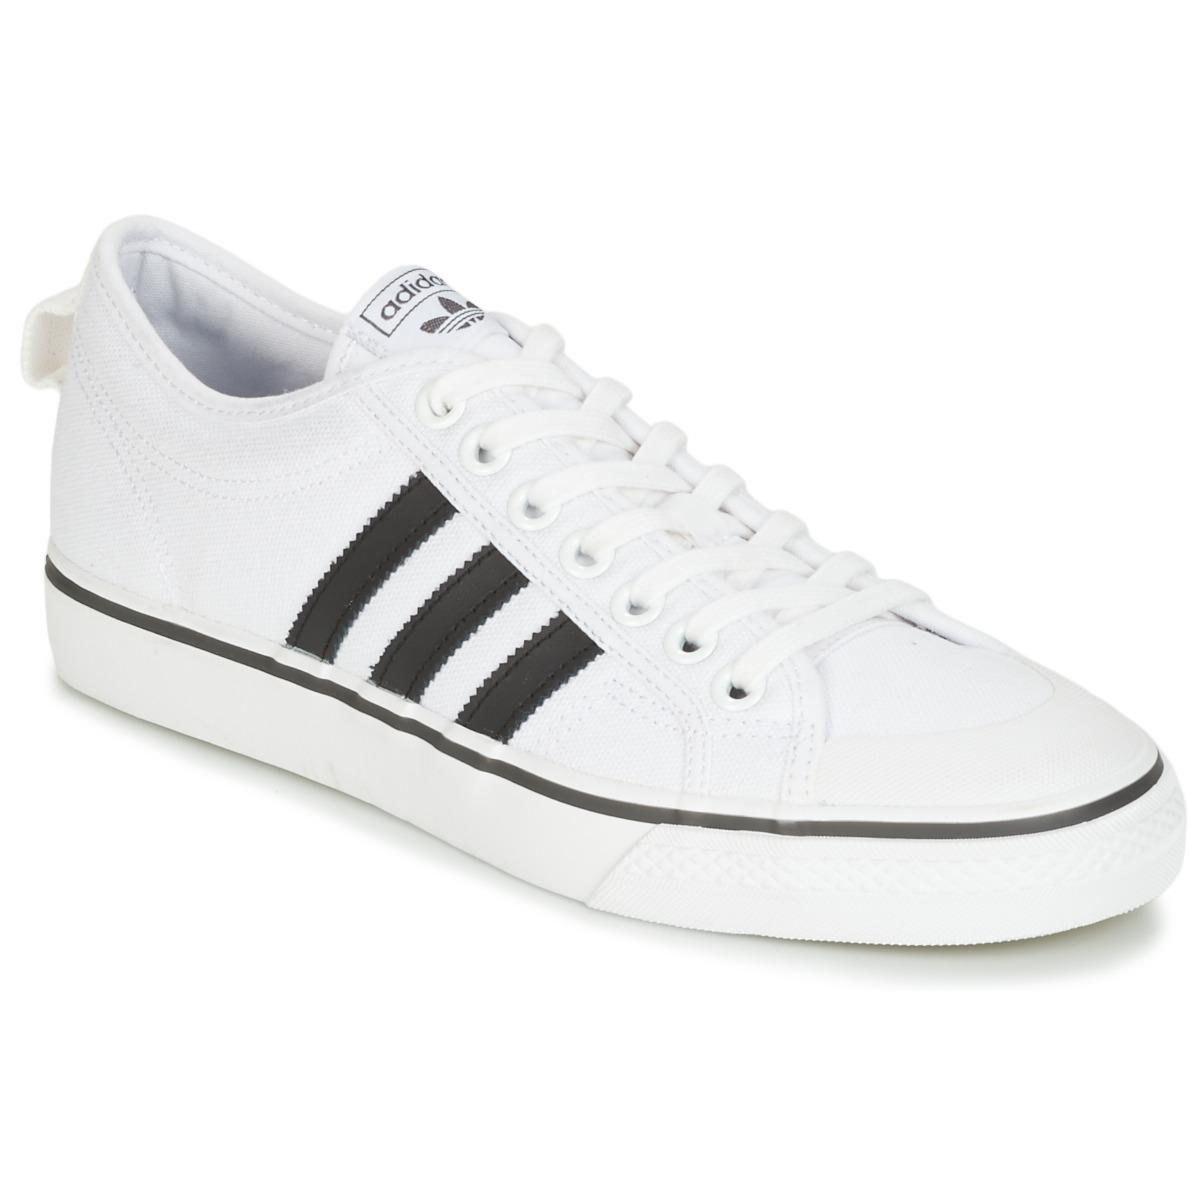 adidas Originals NIZZA Weiss - Kostenloser Versand bei Spartoode ! - Schuhe Sneaker Low  56,00 €